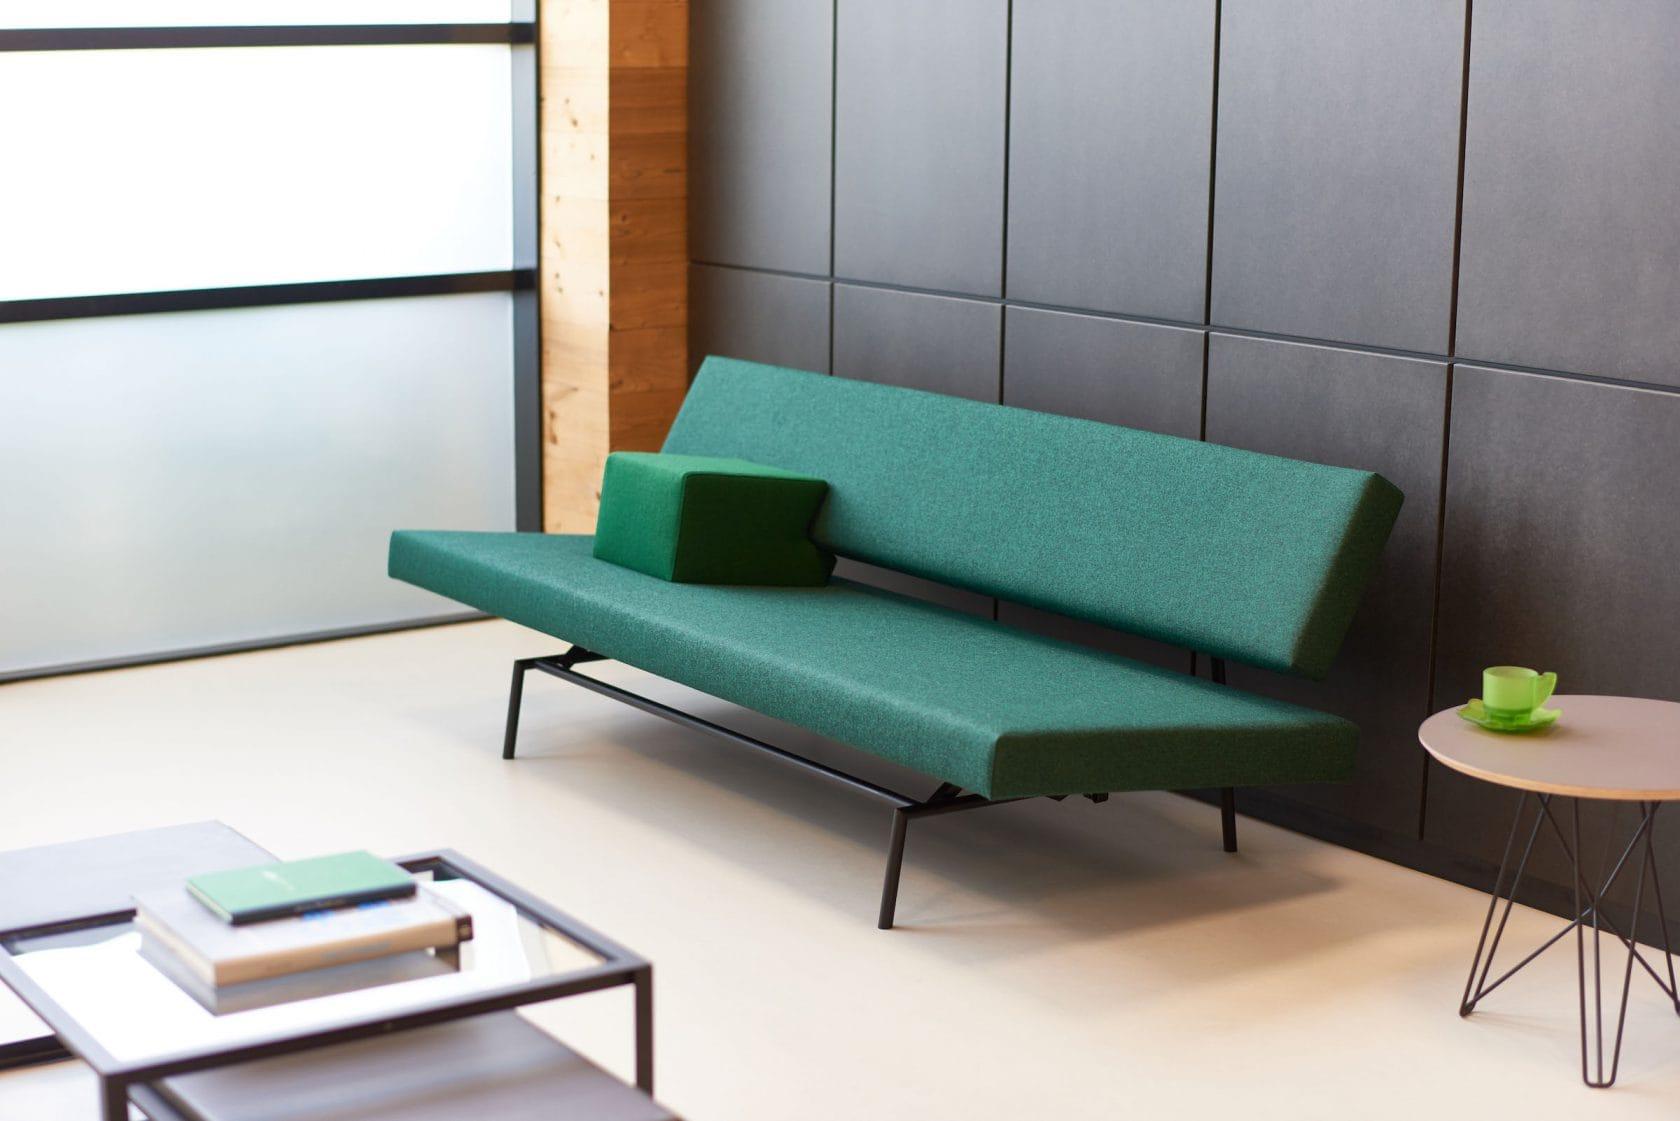 Br 02.7 Black Frame 1 Martin Visser Spectrumdesign.nl